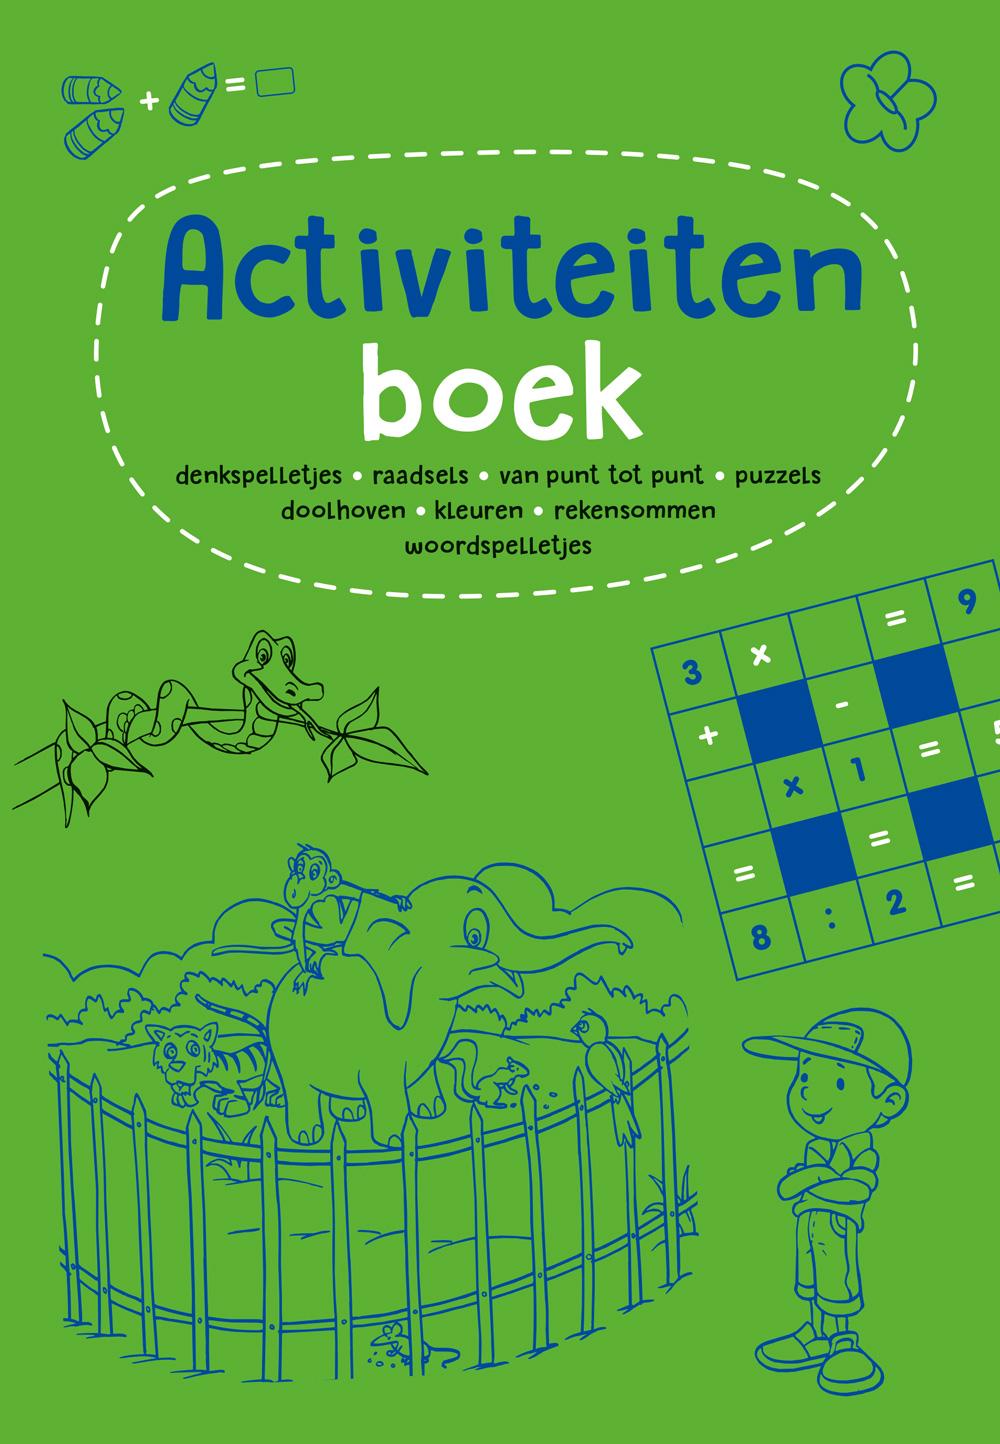 Activiteitenboek groen